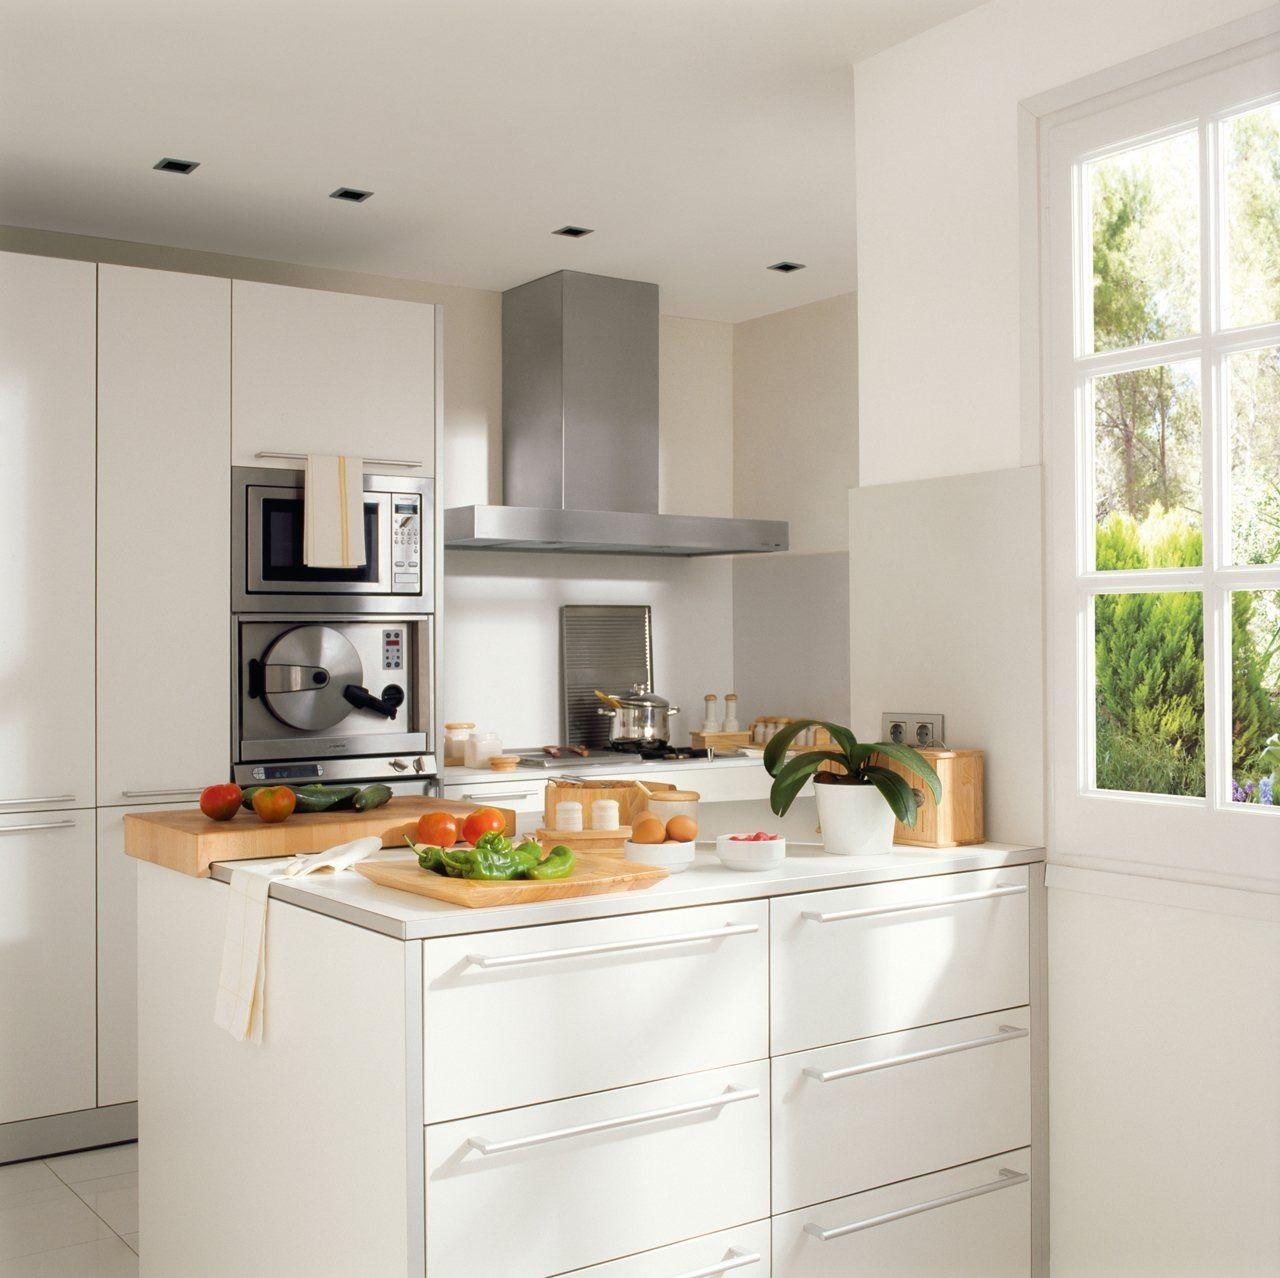 Cocinas peque as y bonitas depa cocina peque a con - Cocinas bonitas ...